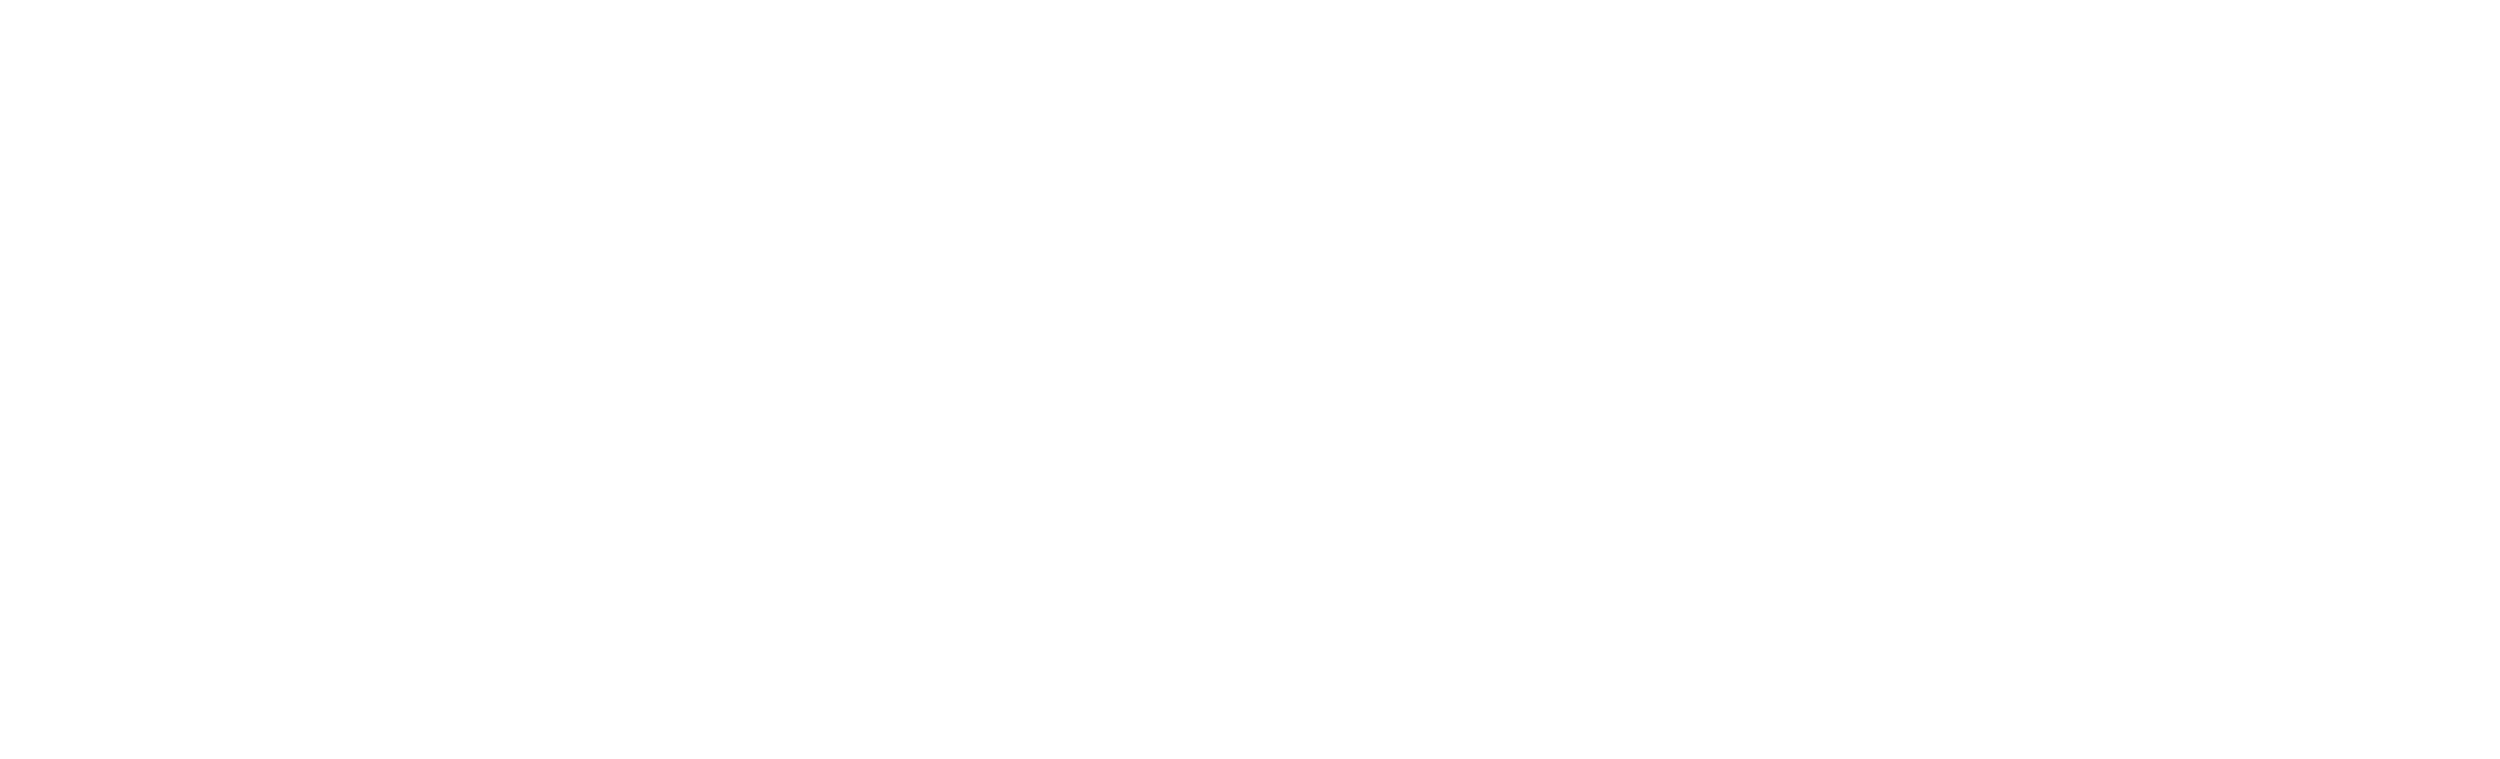 ZeeMee University